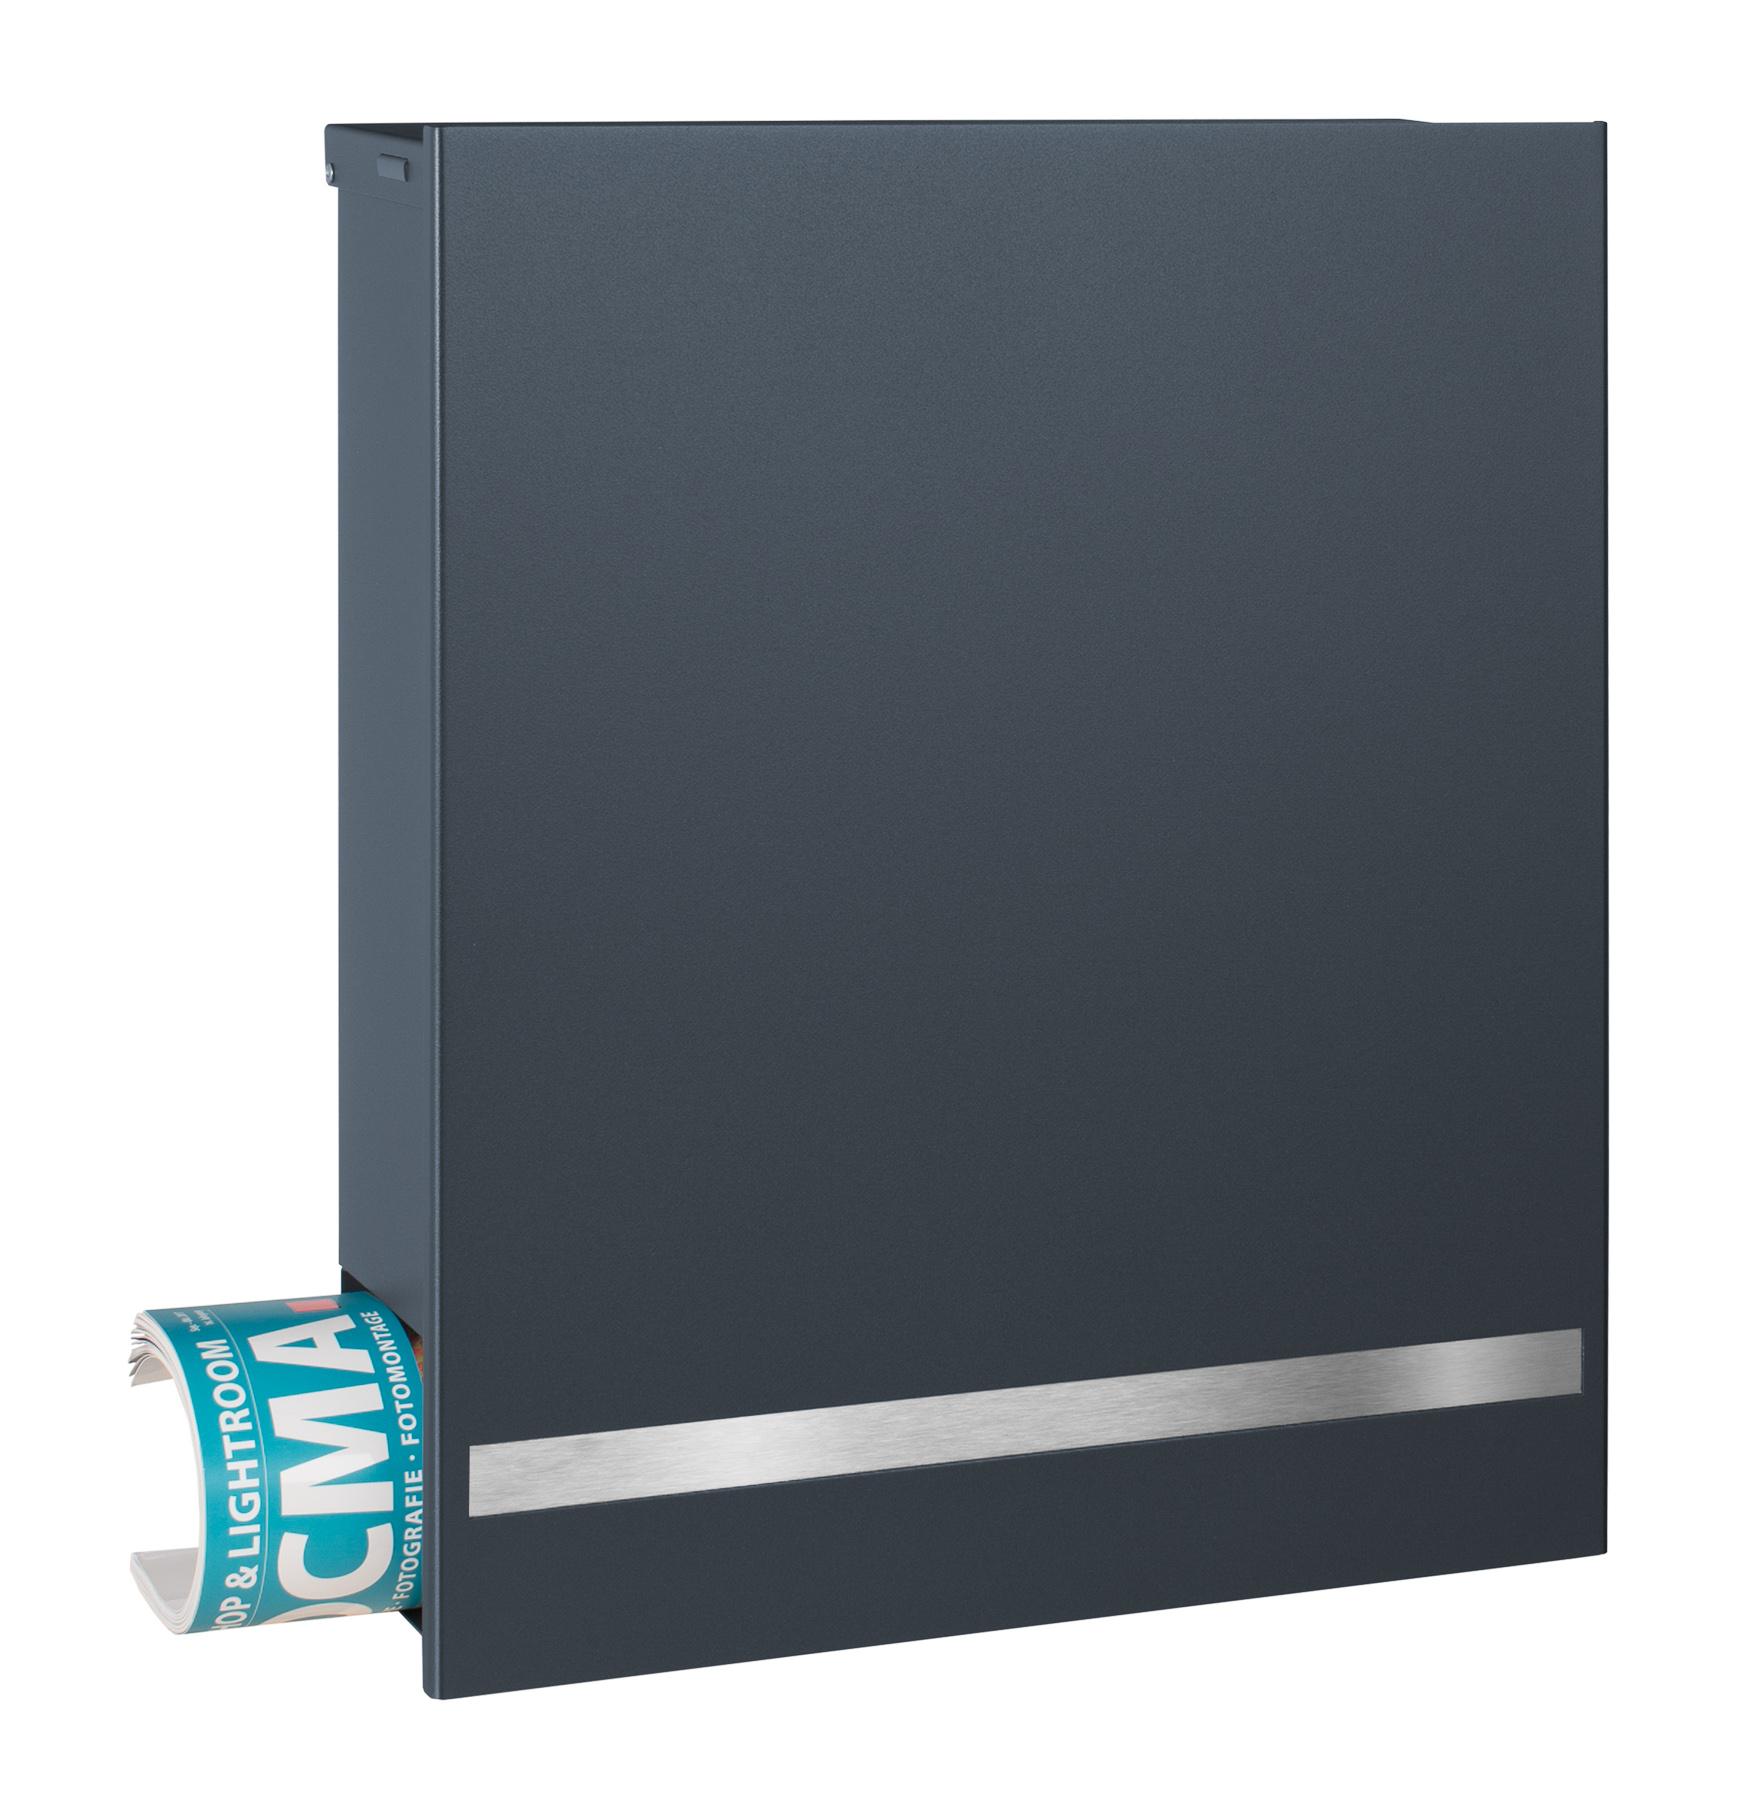 mocavi box 131 design briefkasten anthrazit grau gravurband aus edelstahl deutsche produktion. Black Bedroom Furniture Sets. Home Design Ideas